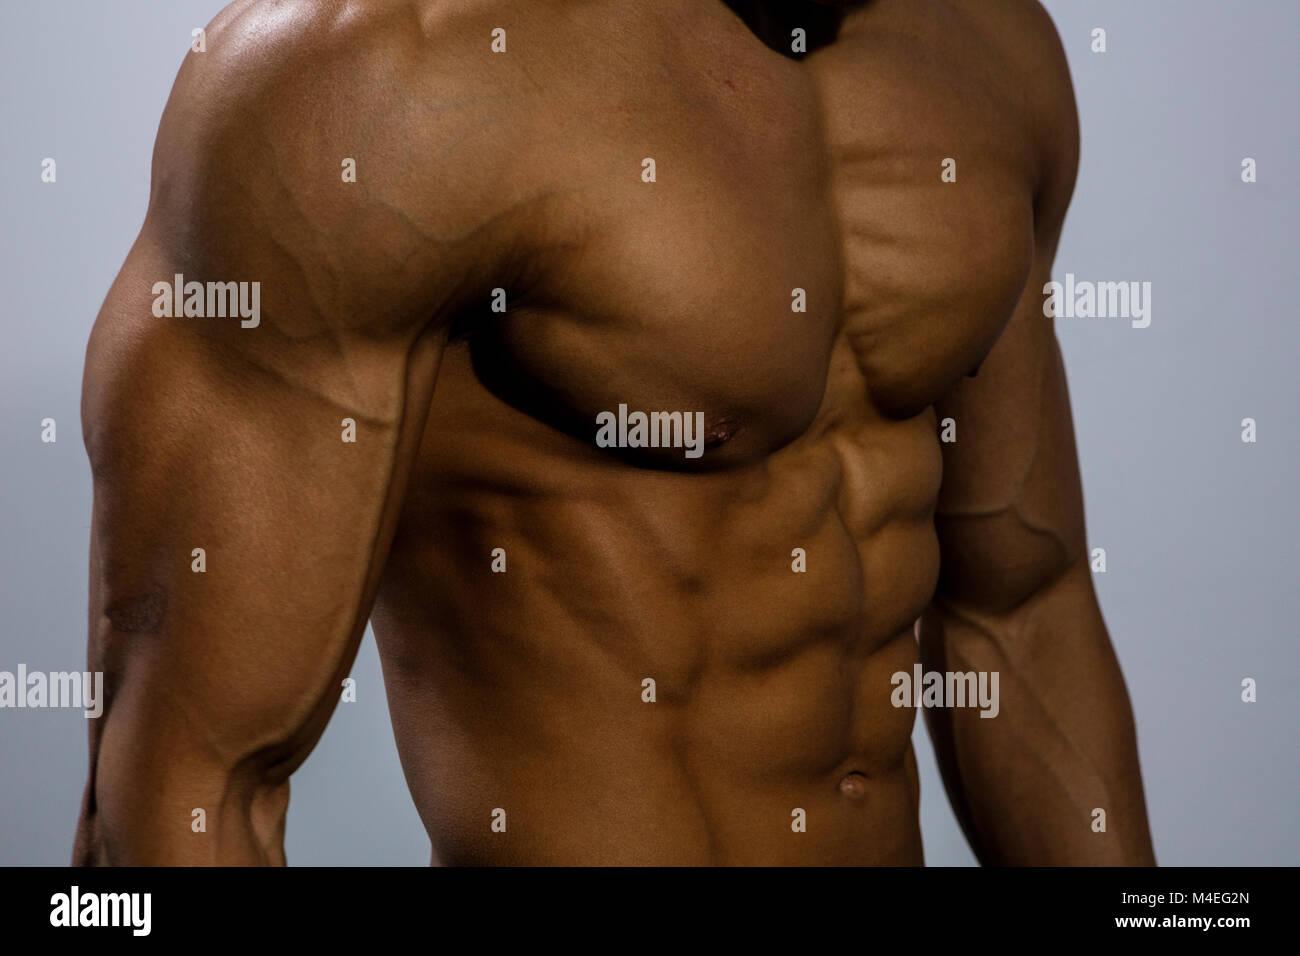 Un modello di fitness torso con i muscoli del torace strettamente flesse. Close up. Immagini Stock